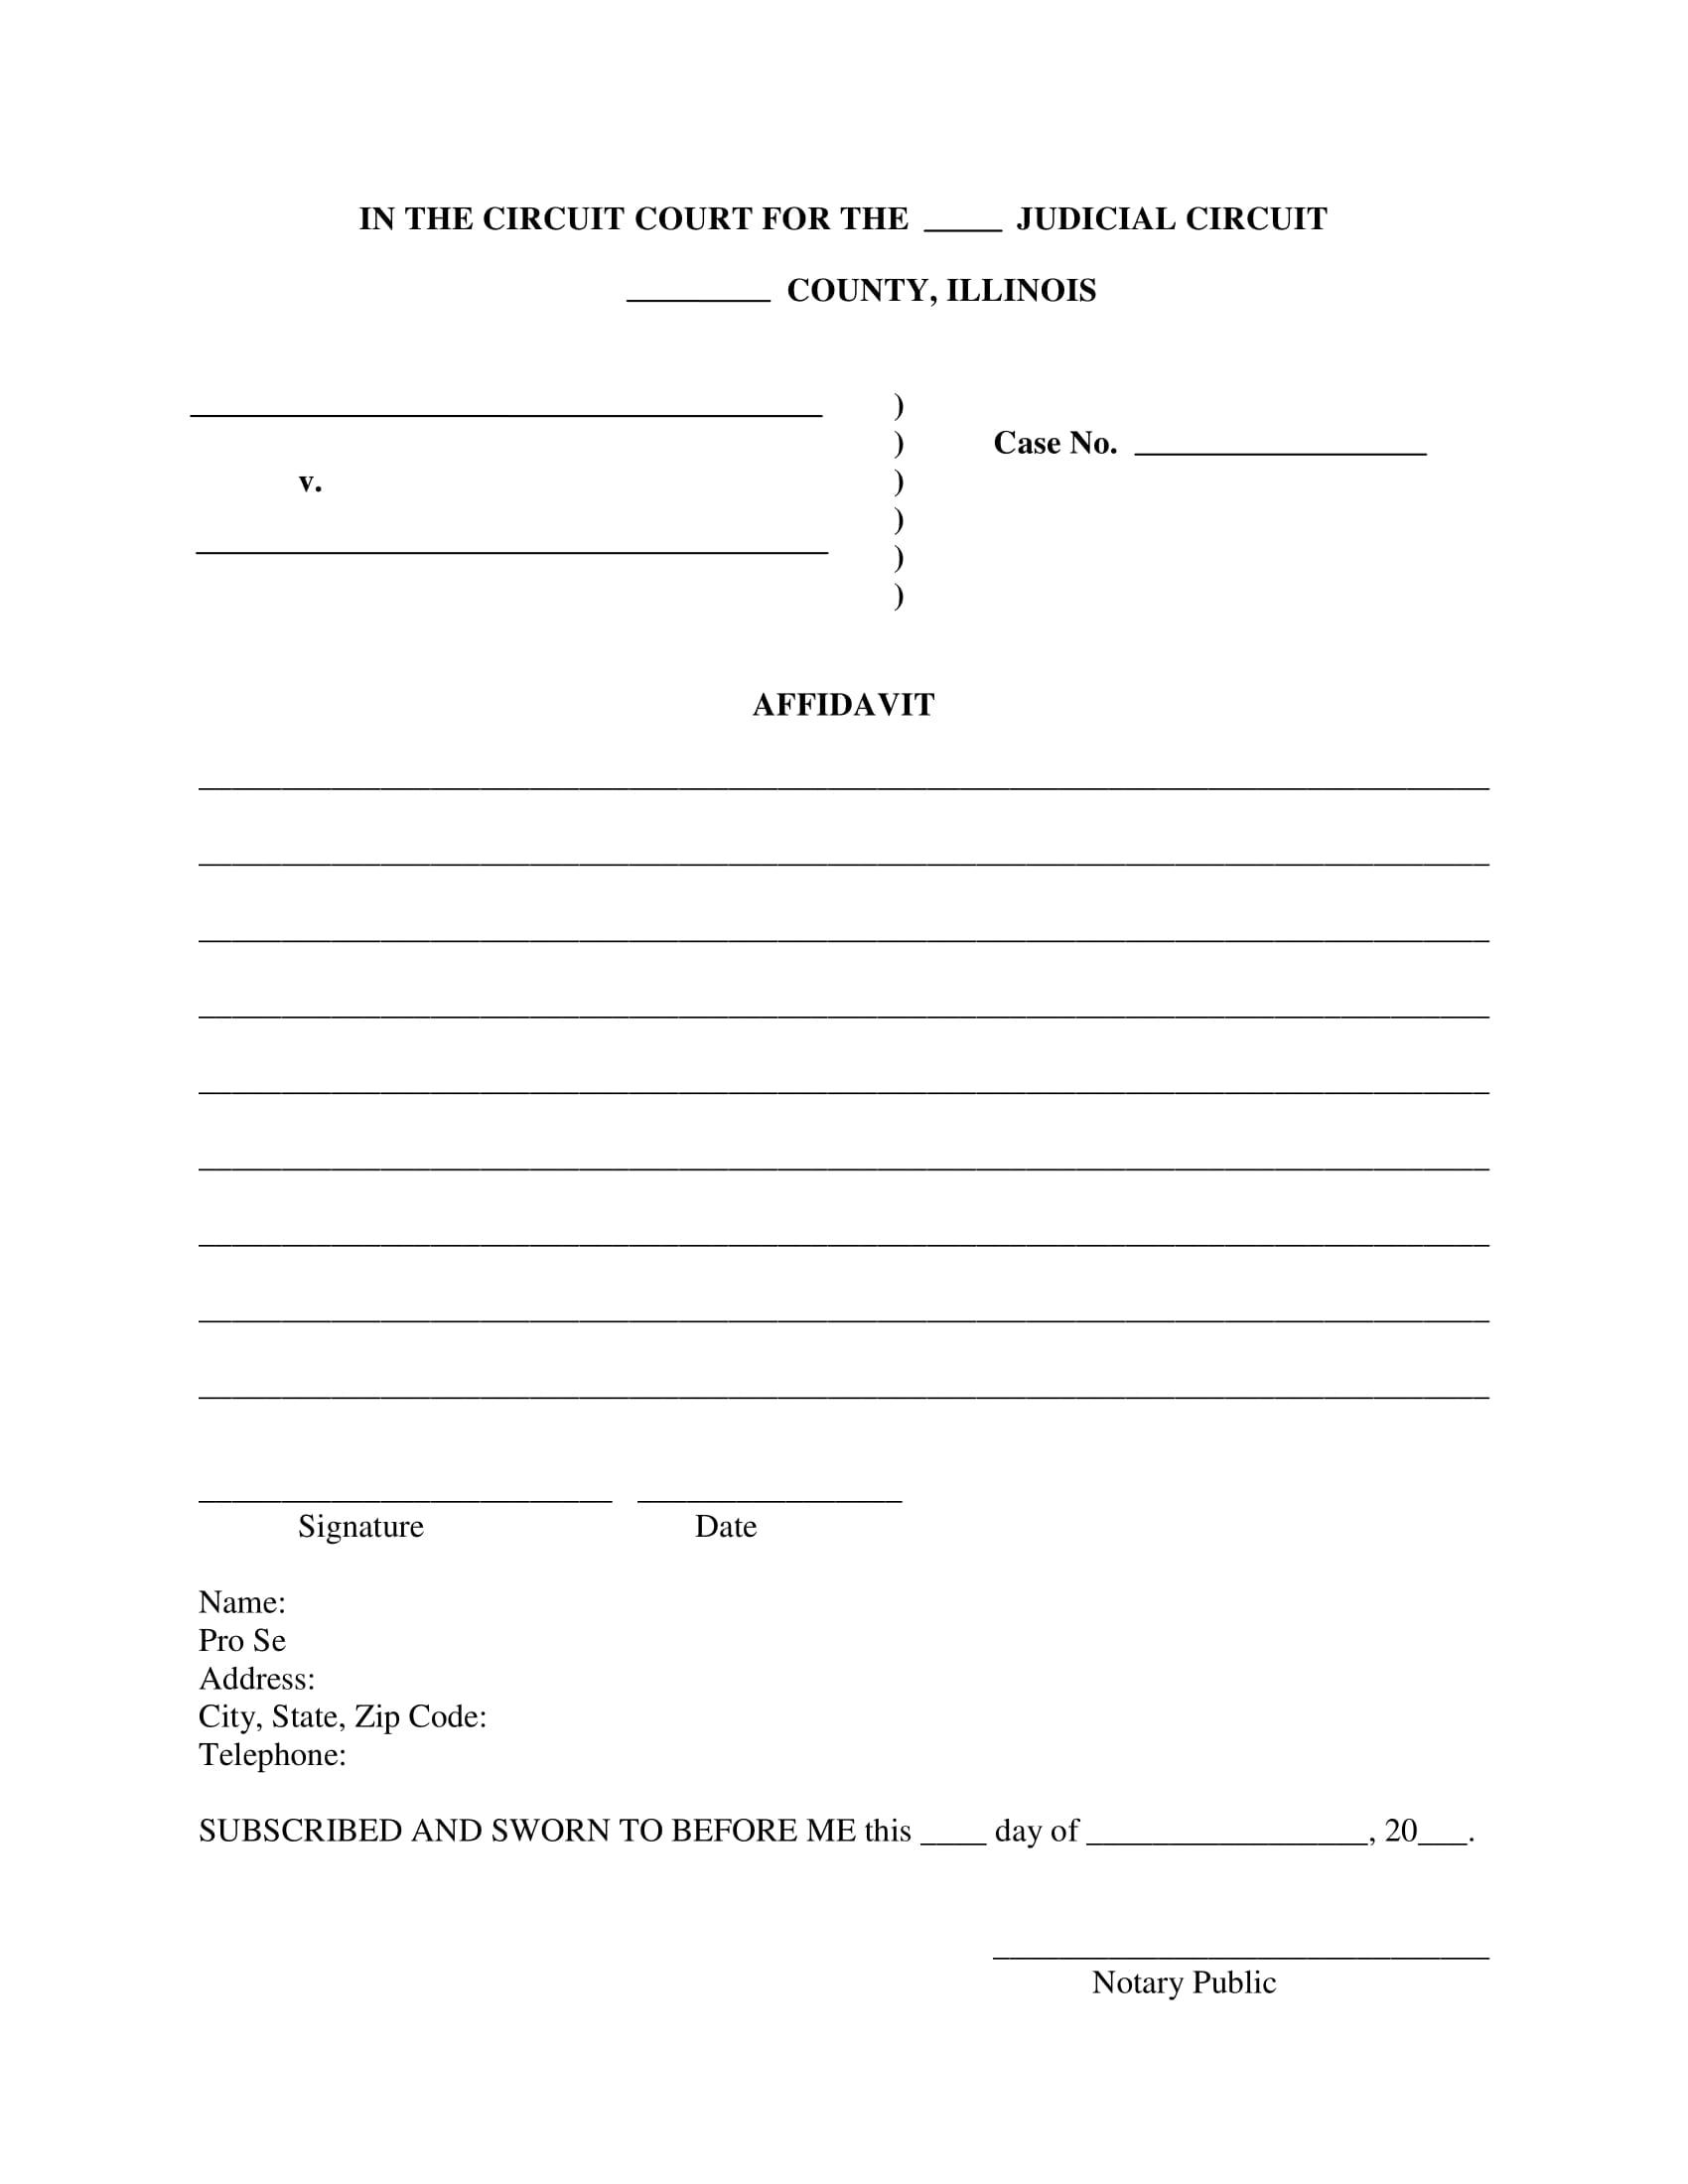 blank affidavit illinois